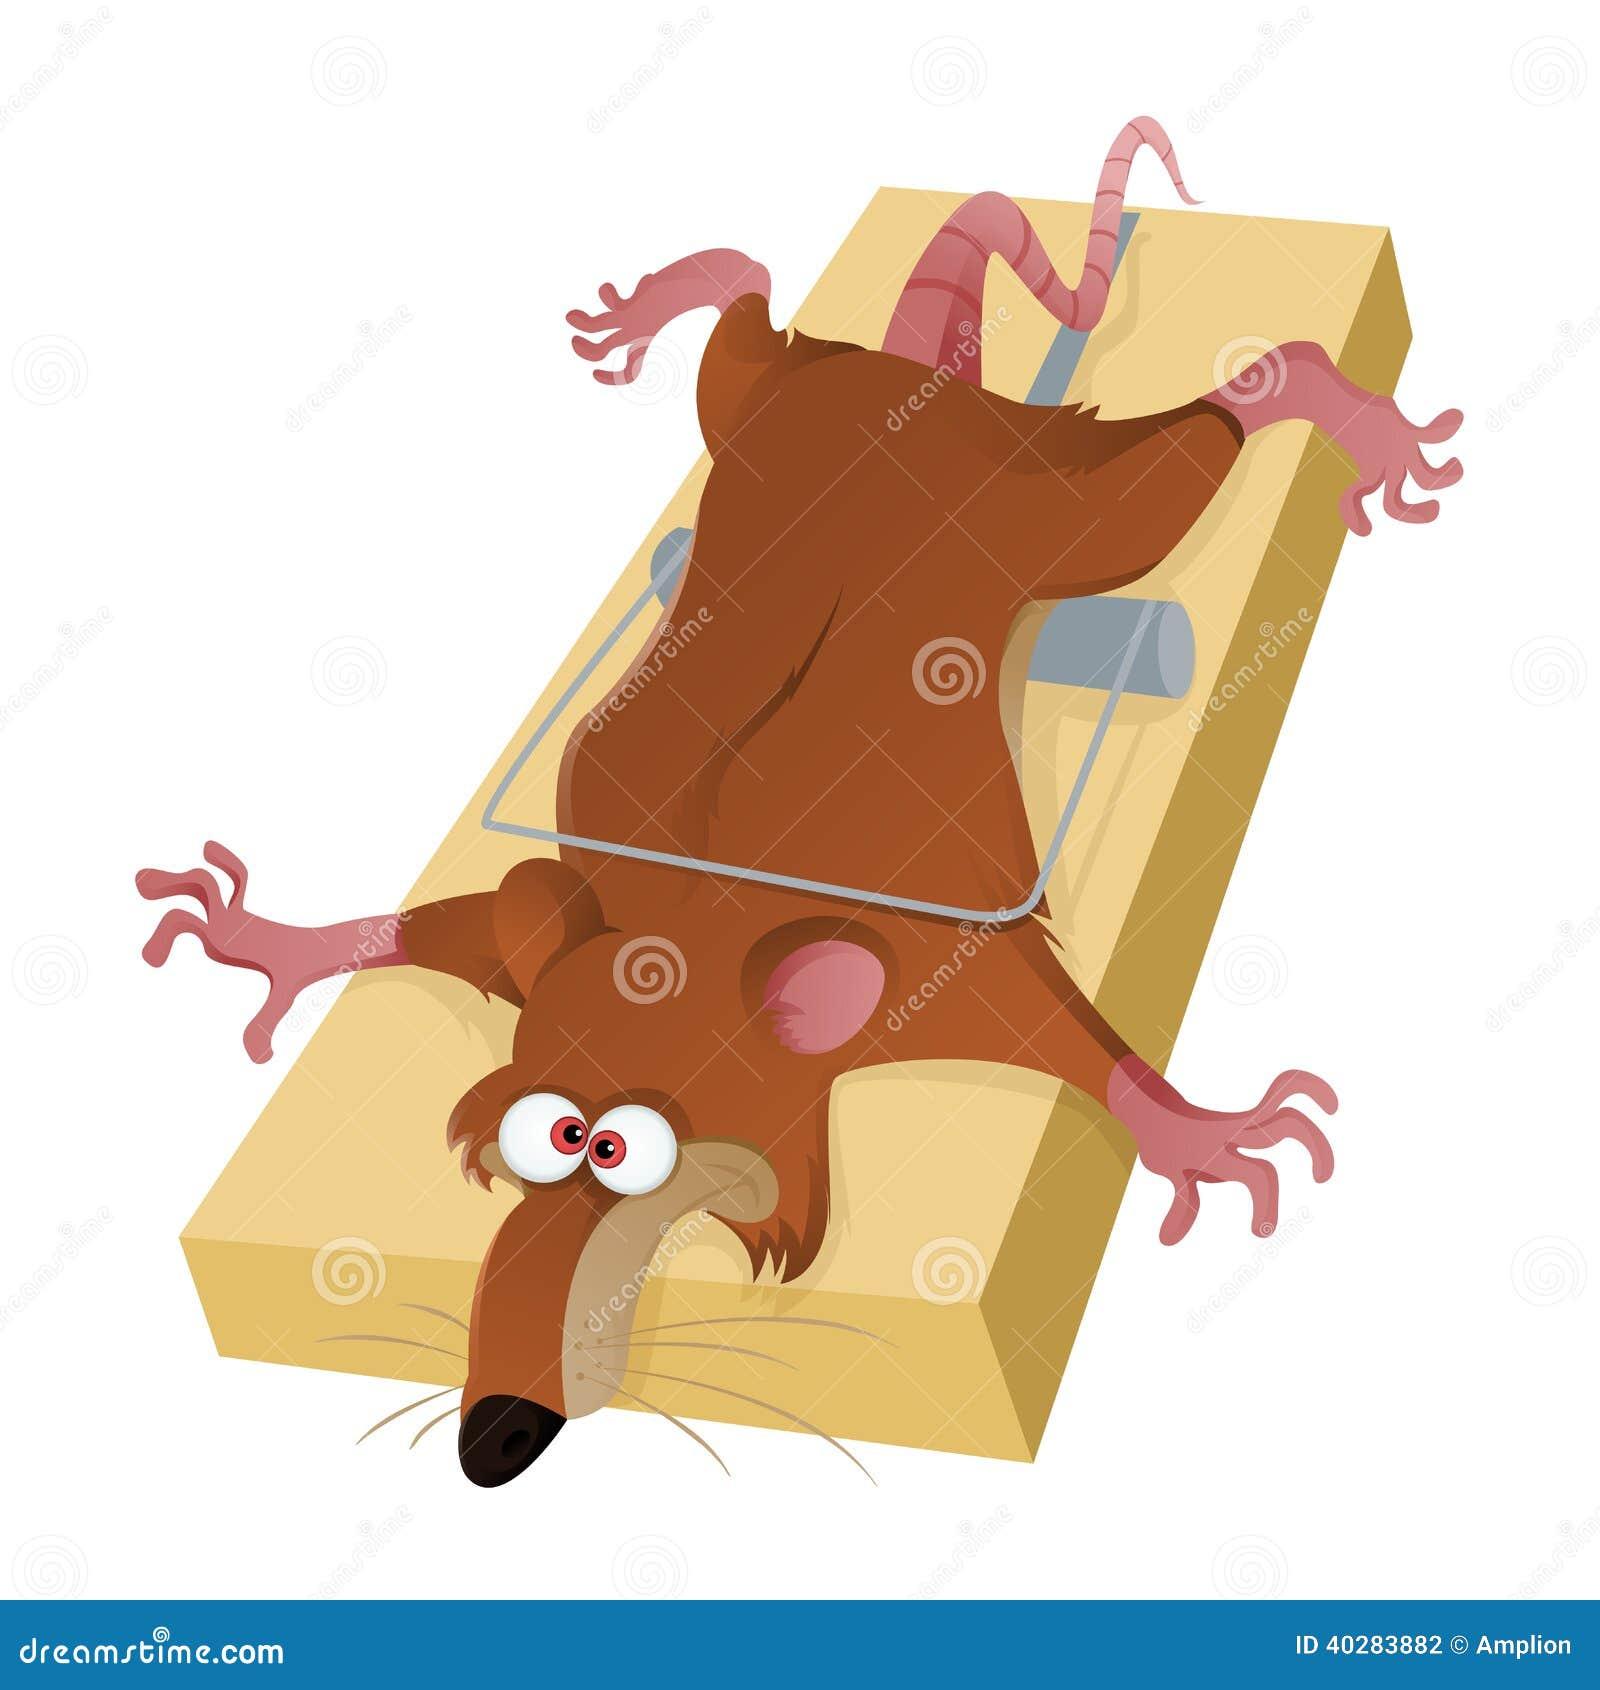 trap Hustler cartoon mouse